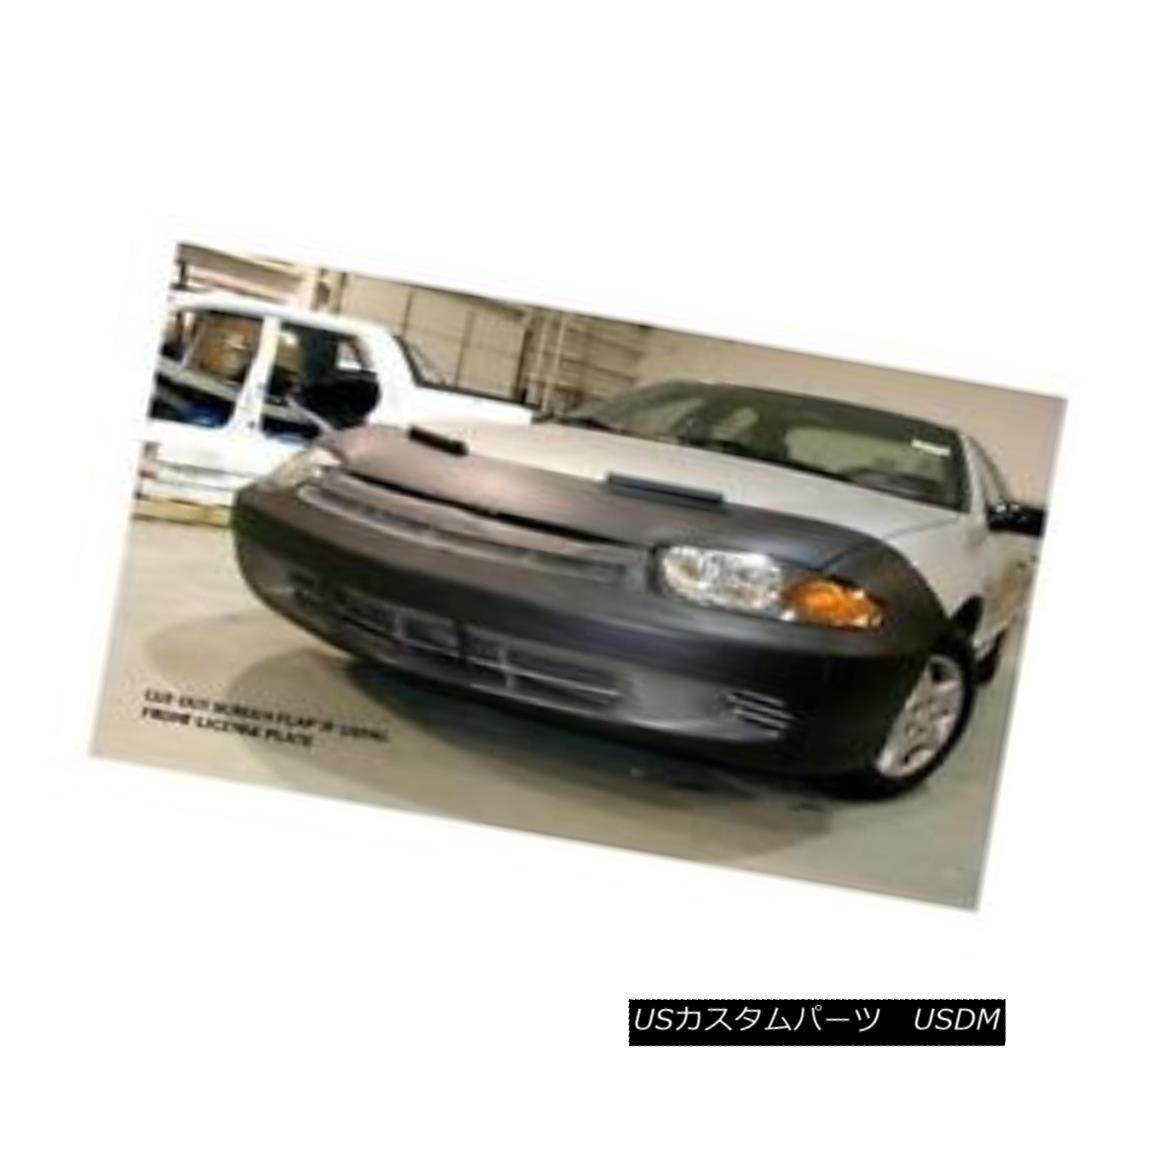 フルブラ ノーズブラ Lebra Front Mask Cover Bra Fits 2003-2005 Chevy Cavalier w/o LS Sport Models Lebraフロントマスクカバーブラは2003-2005シーズンキャバリア(LSスポーツモデルなし)に適合